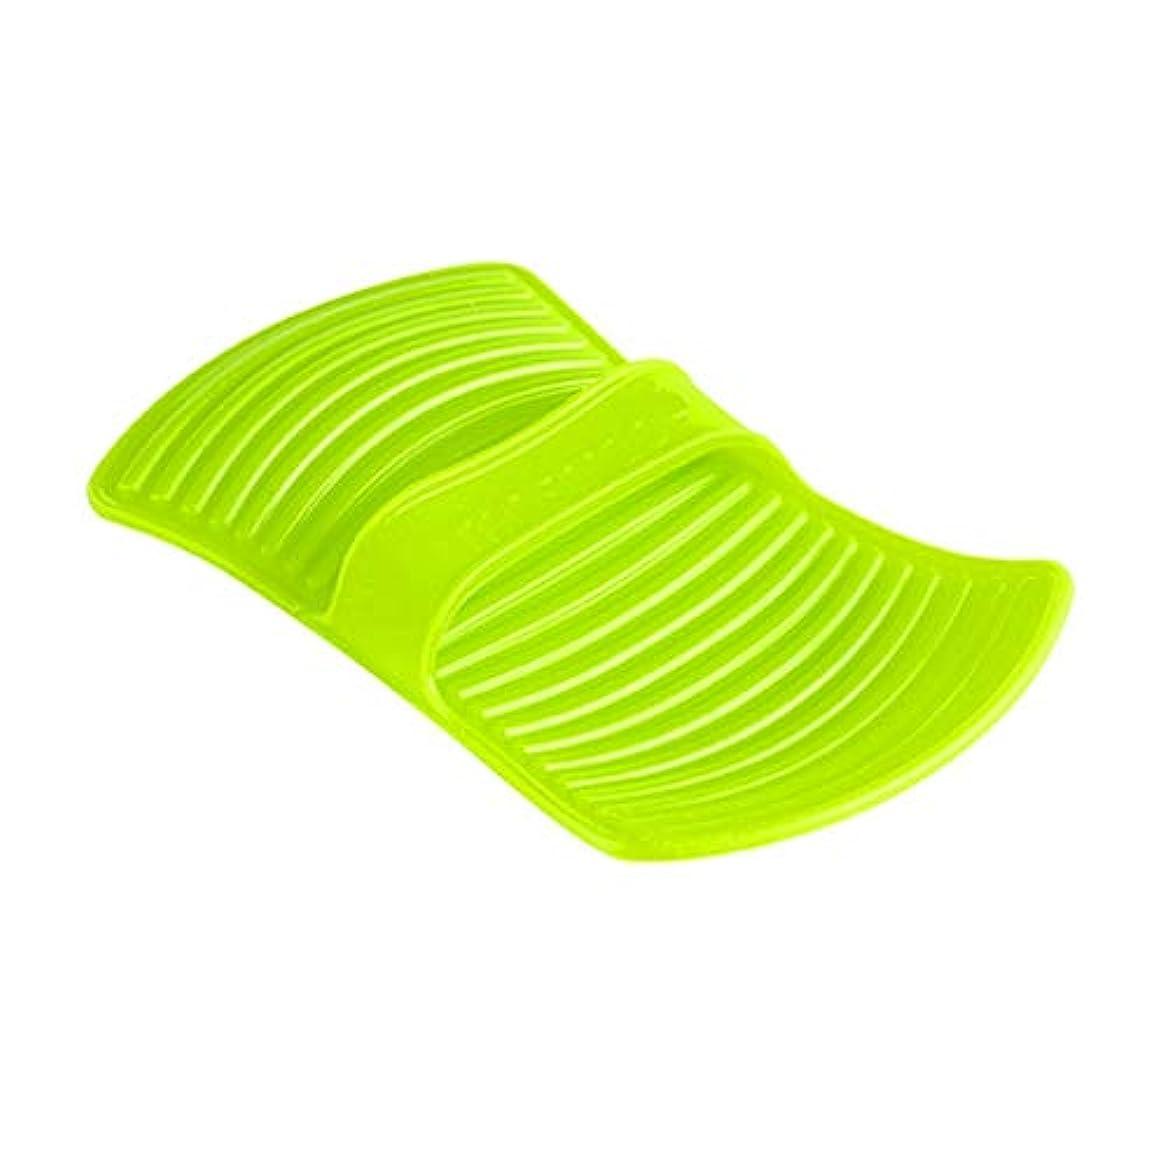 驚くばかりに同意する積分LIUXIN シリコーン断熱材不凍液手袋高温焼け防止手袋家庭用ベーキング手袋滑り止め11.7 * 20.5センチグリーン×1 ゴム手袋